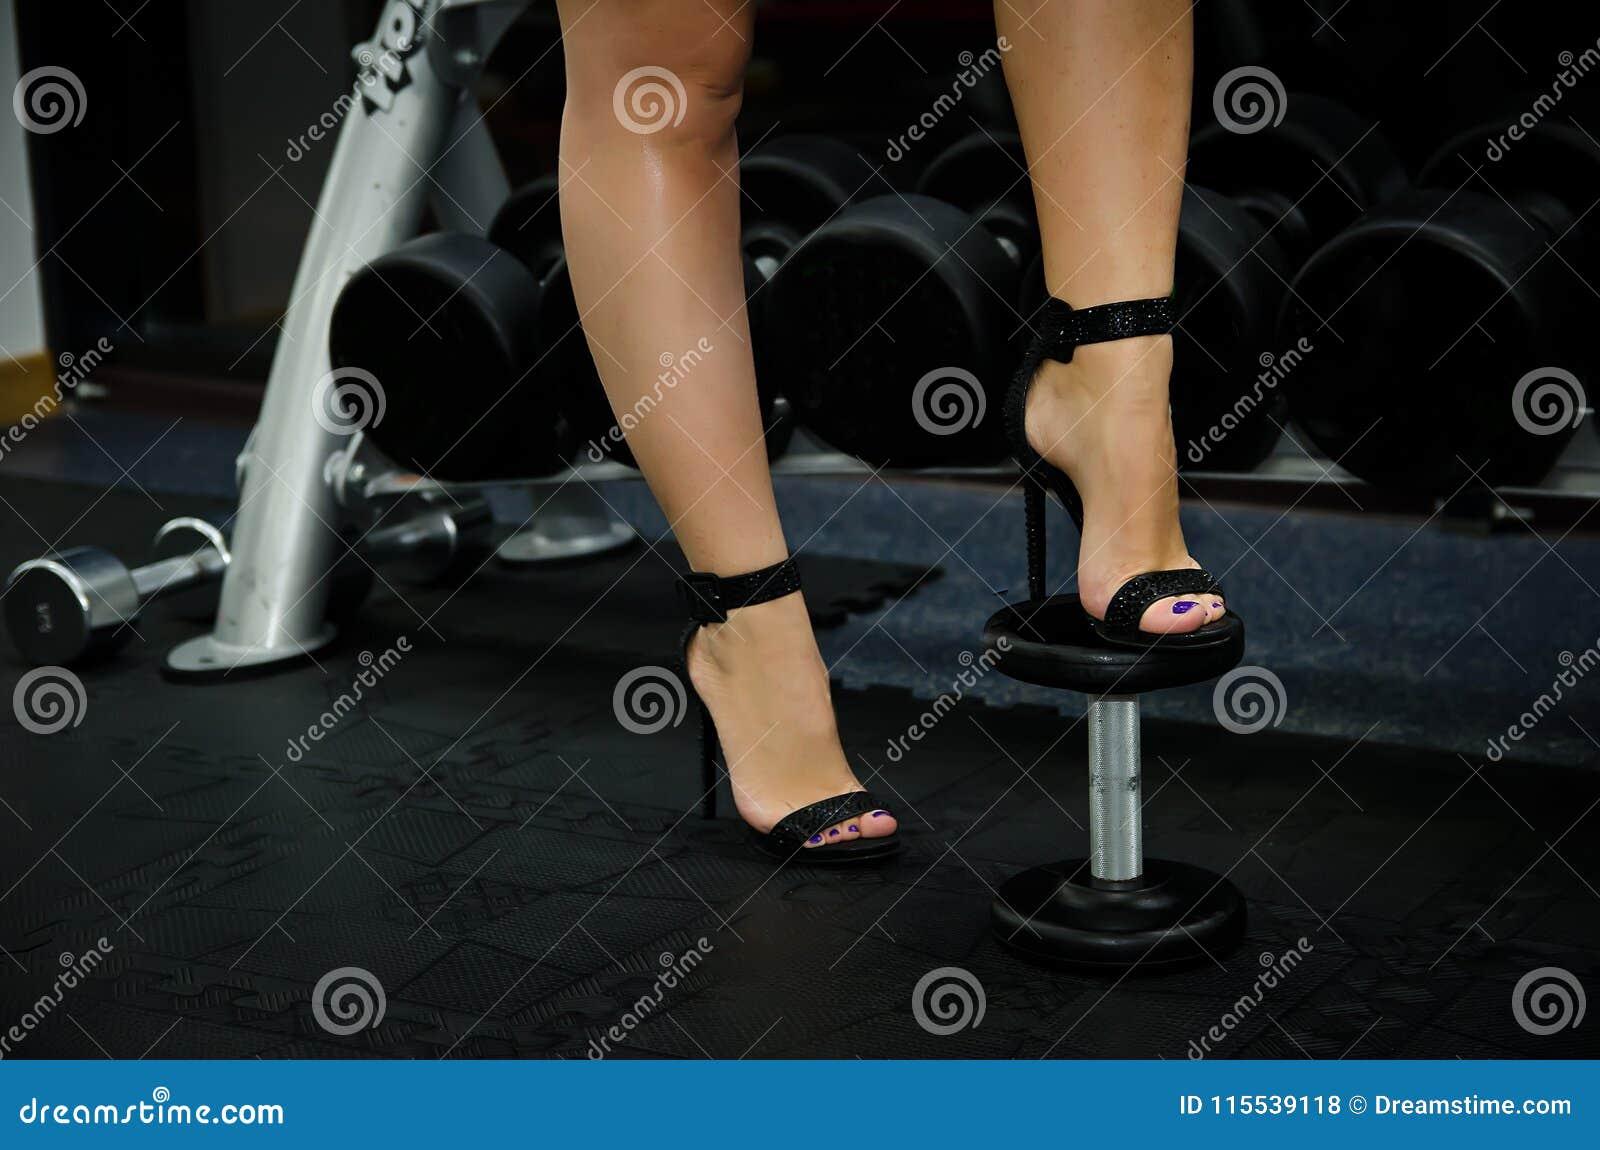 Tacones De Mujer Pesas Zapatos Común Foto Los Las En Por La Altos 7fybg6